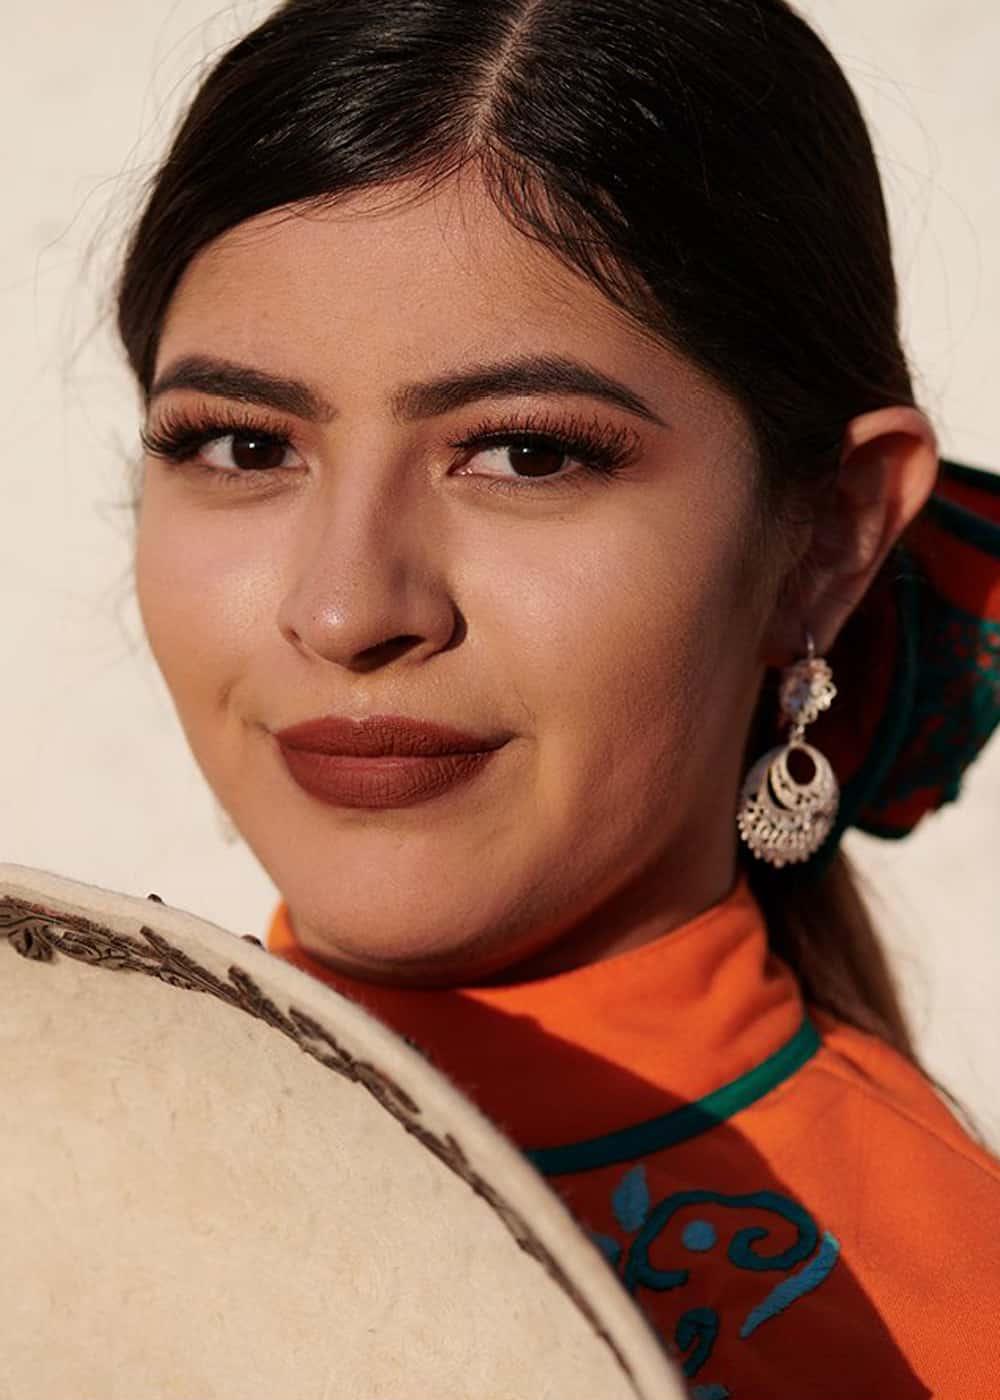 escaramuza mexican rodeo sport female cowgirl magazine